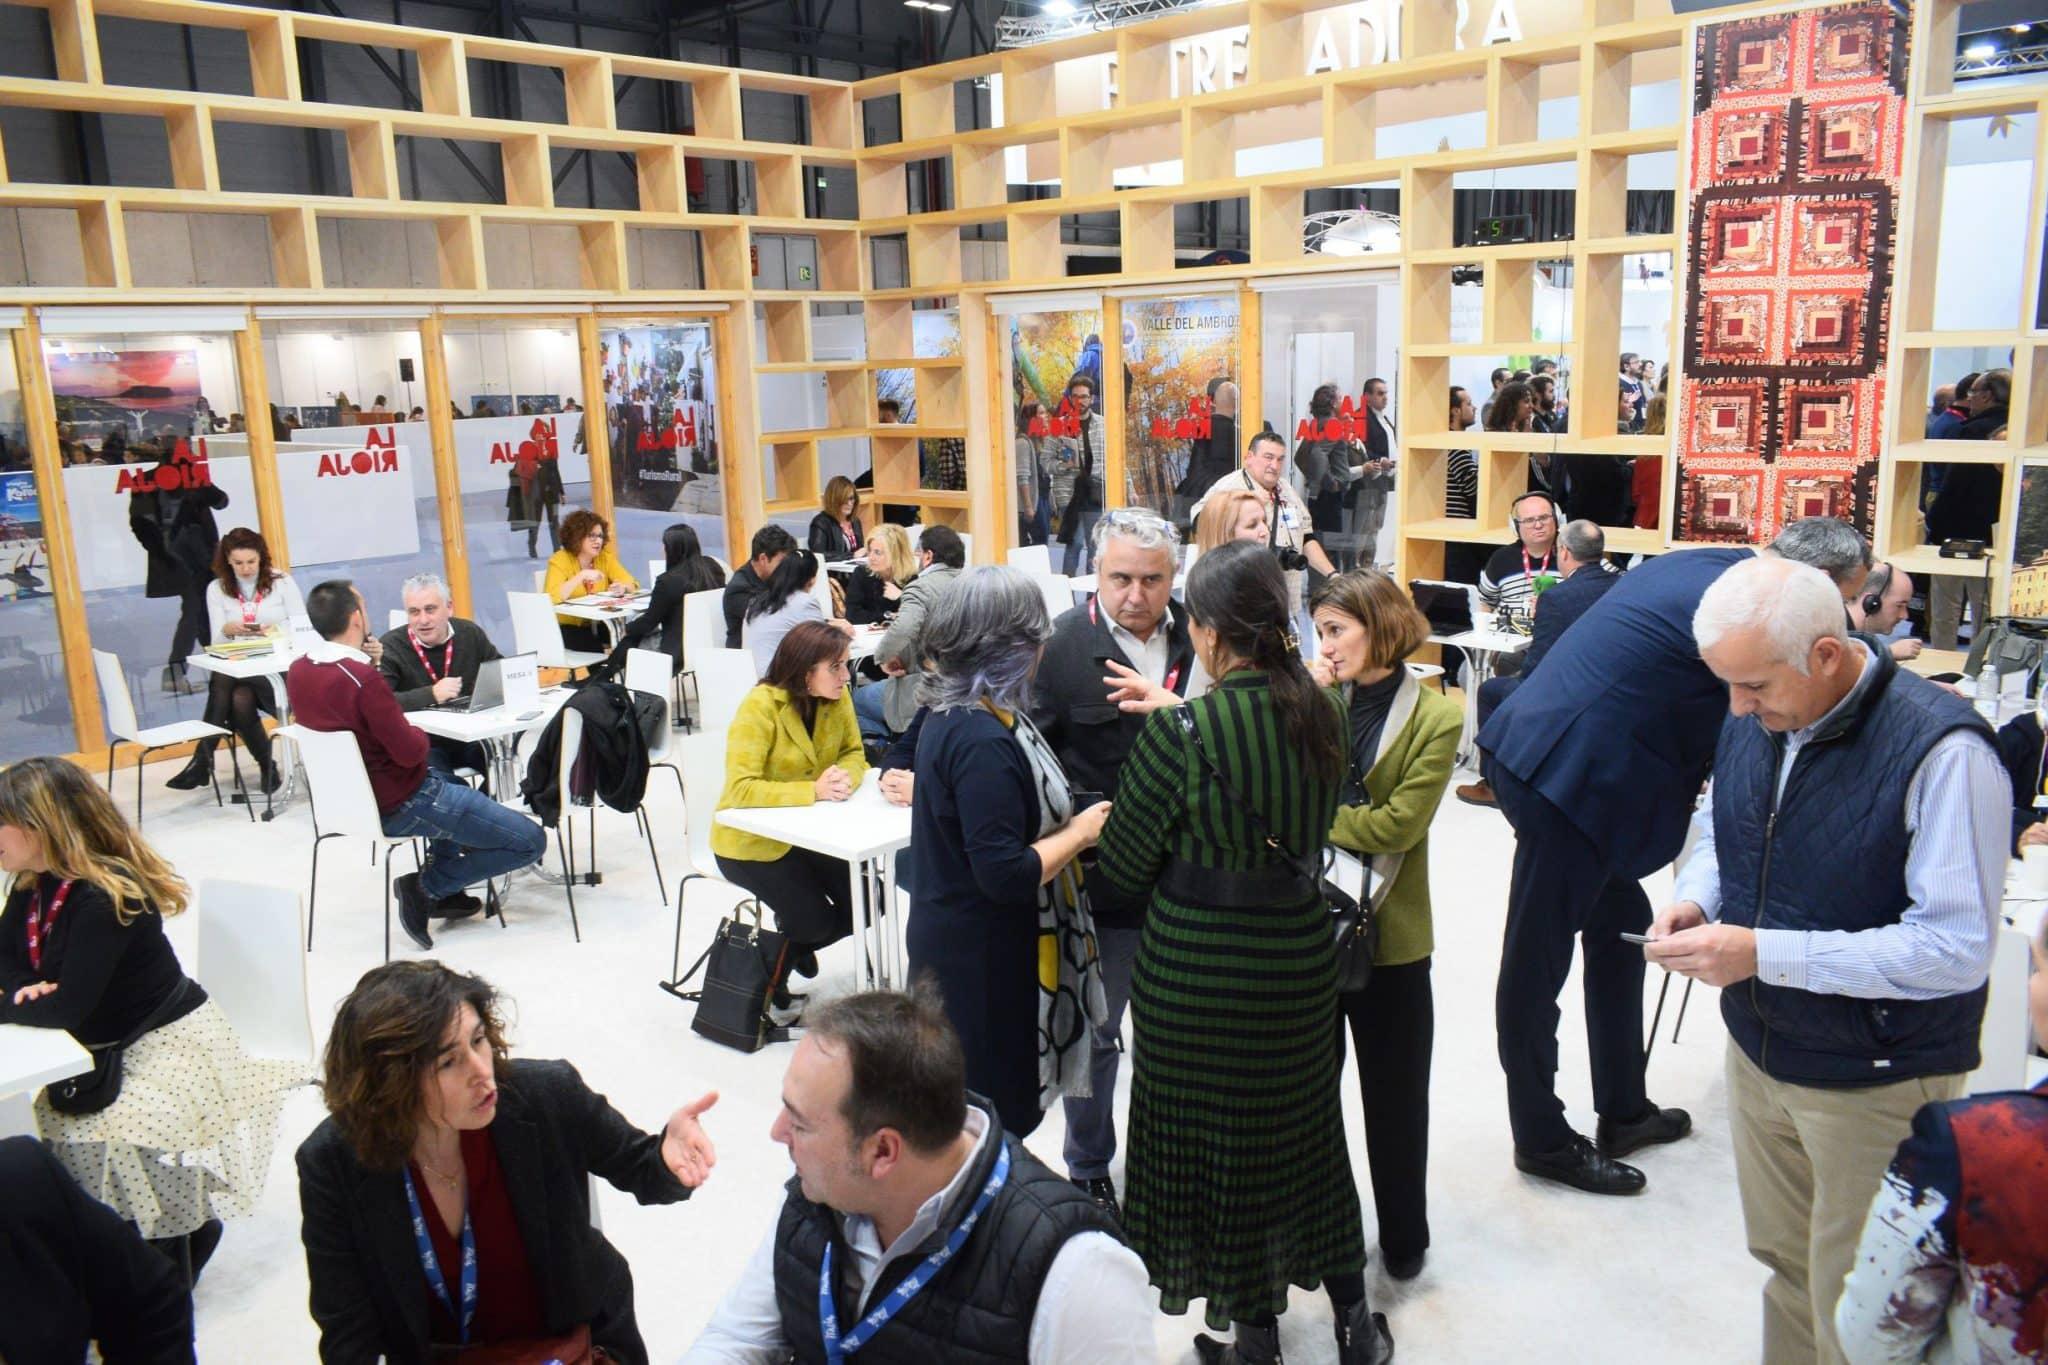 La Rioja da los primeros pasos en Fitur para convertirse en referencia mudial del entorismo 2